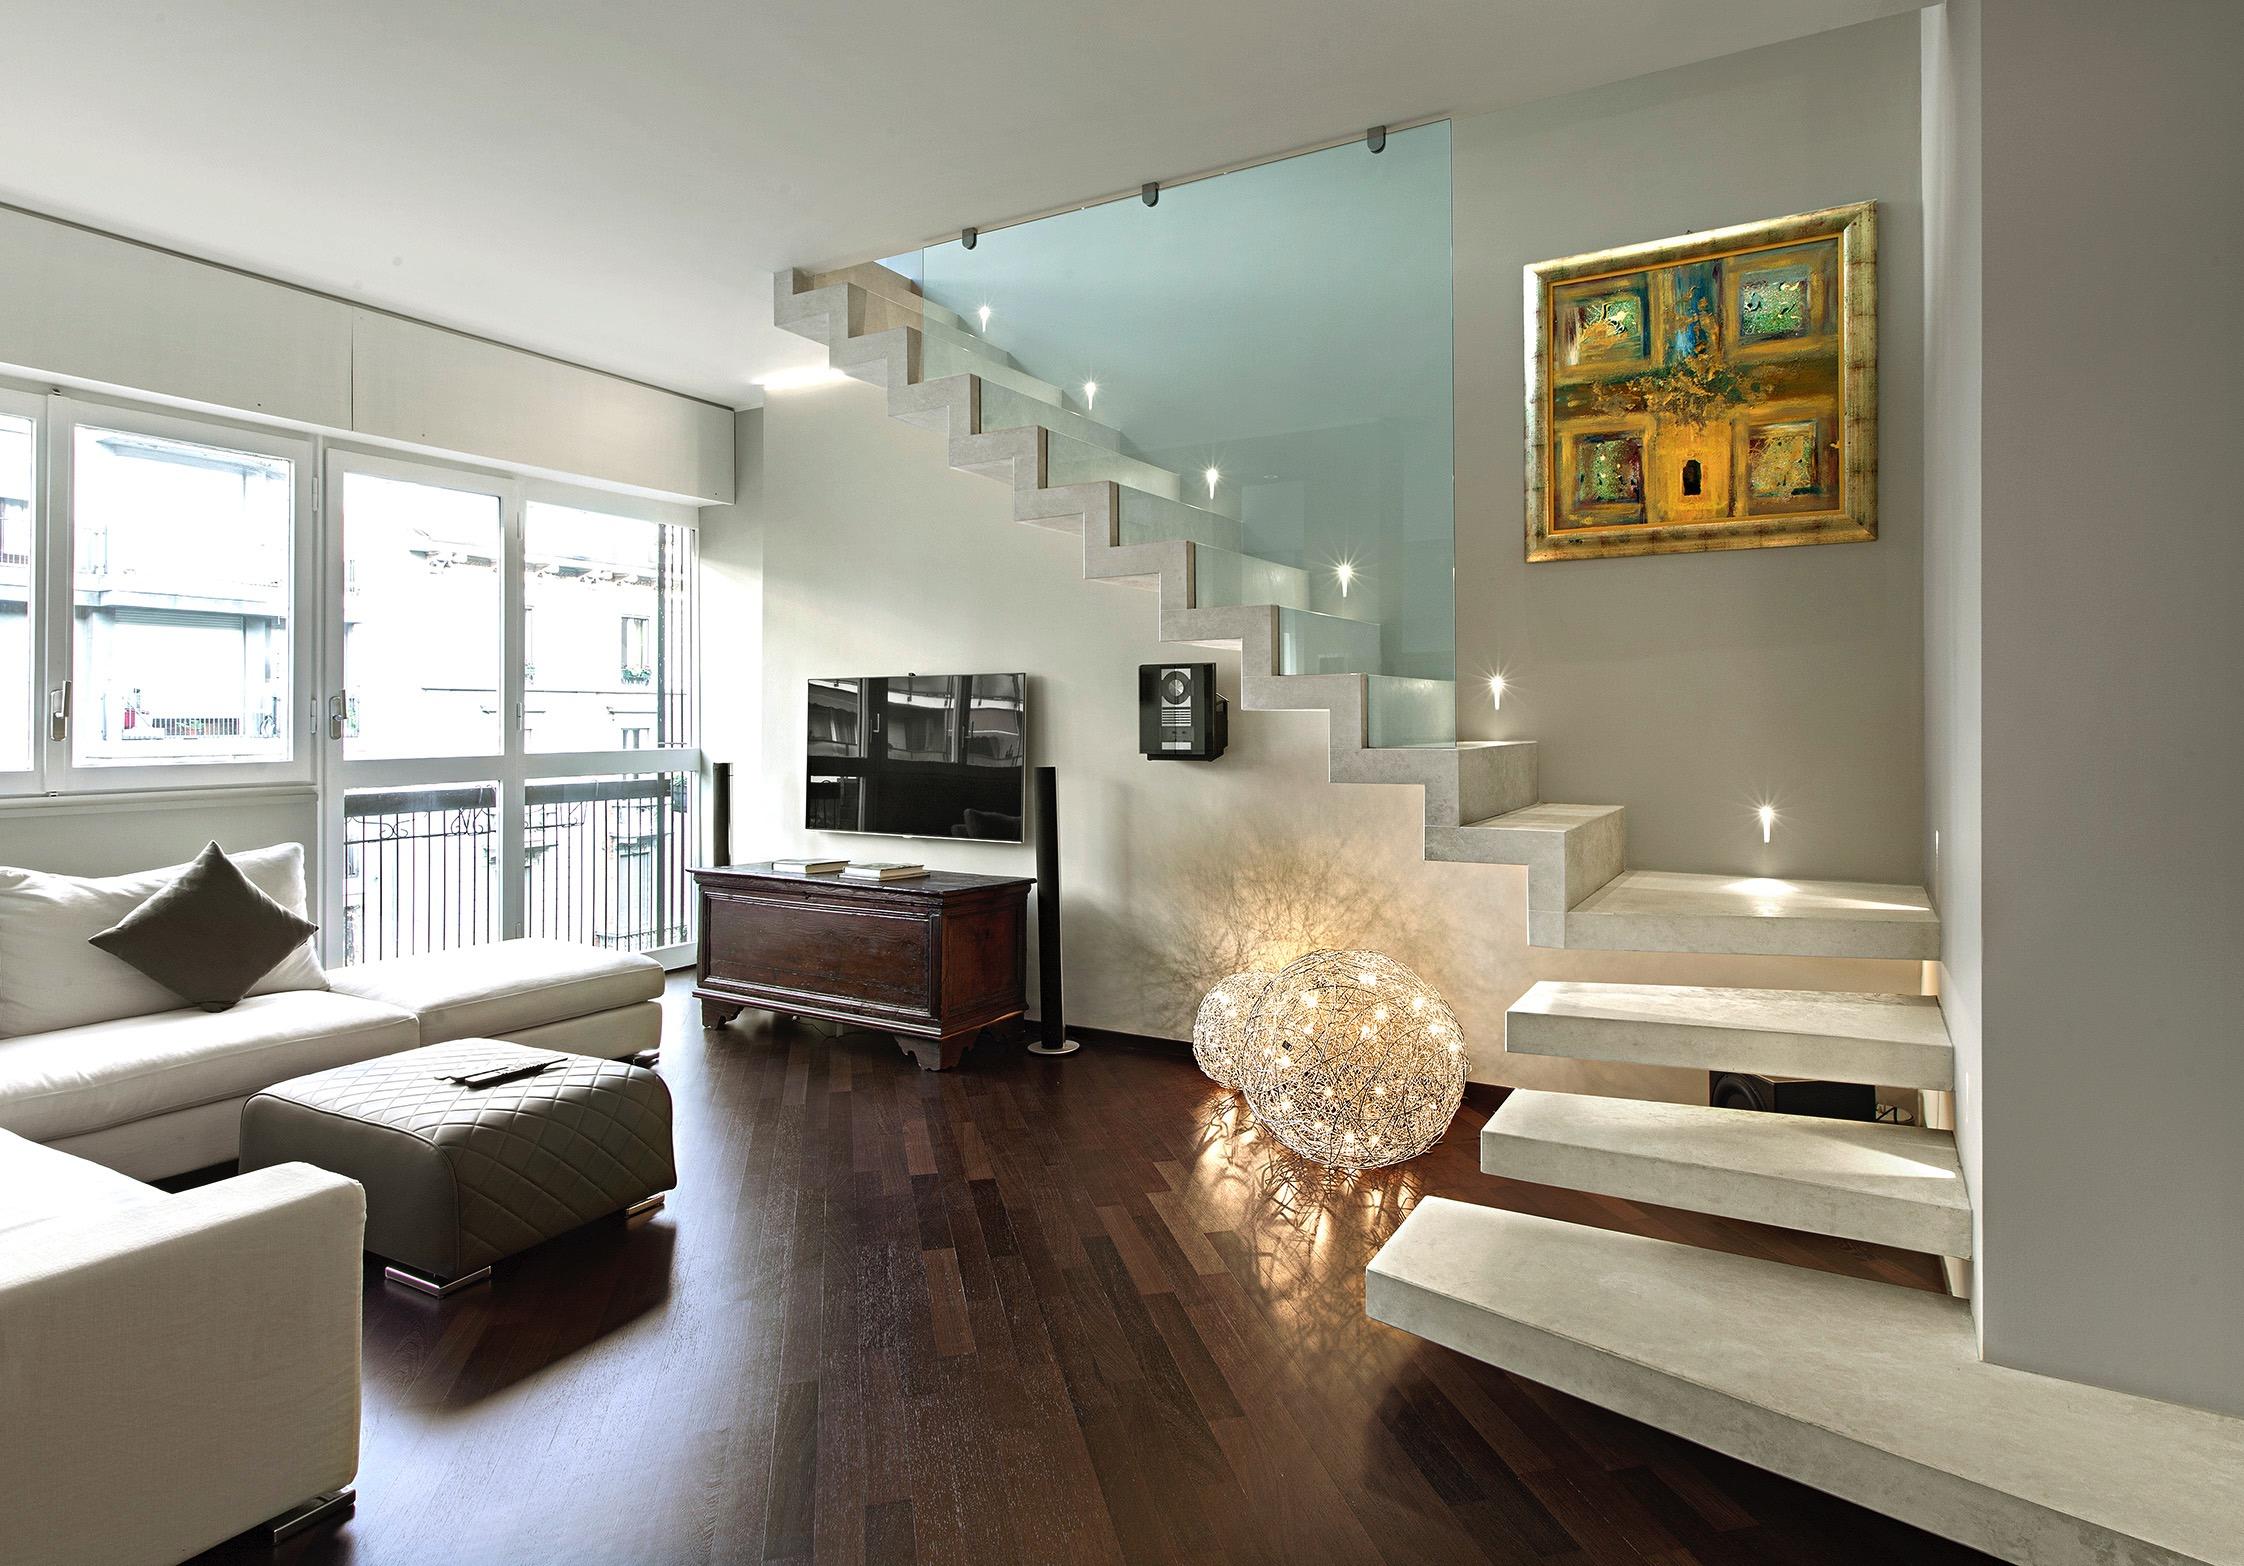 Casa shimano for Immagini saloni moderni